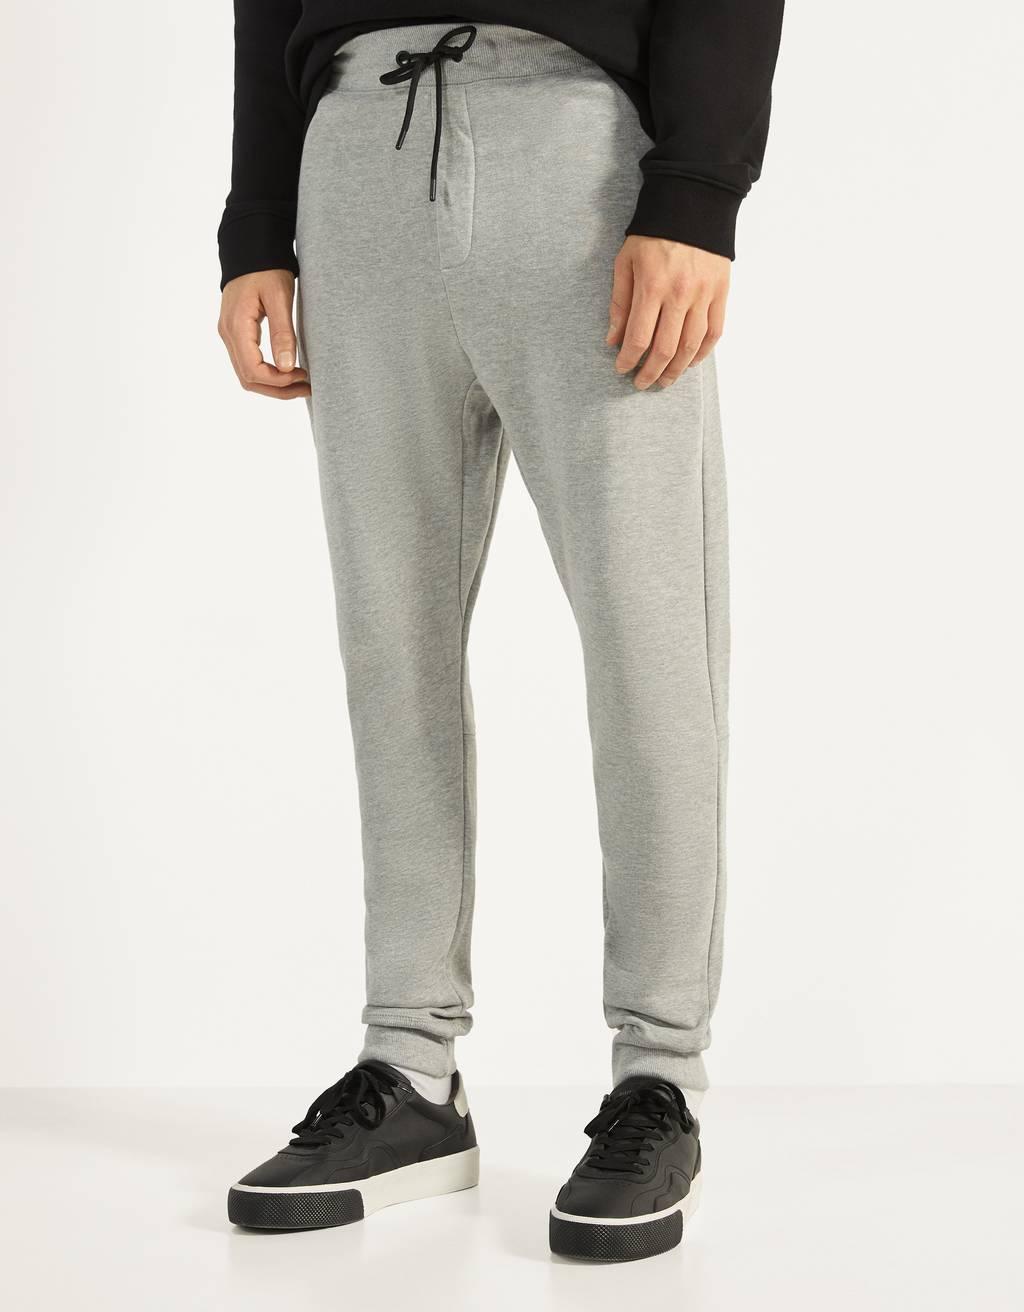 Pantaloni jogger in felpa